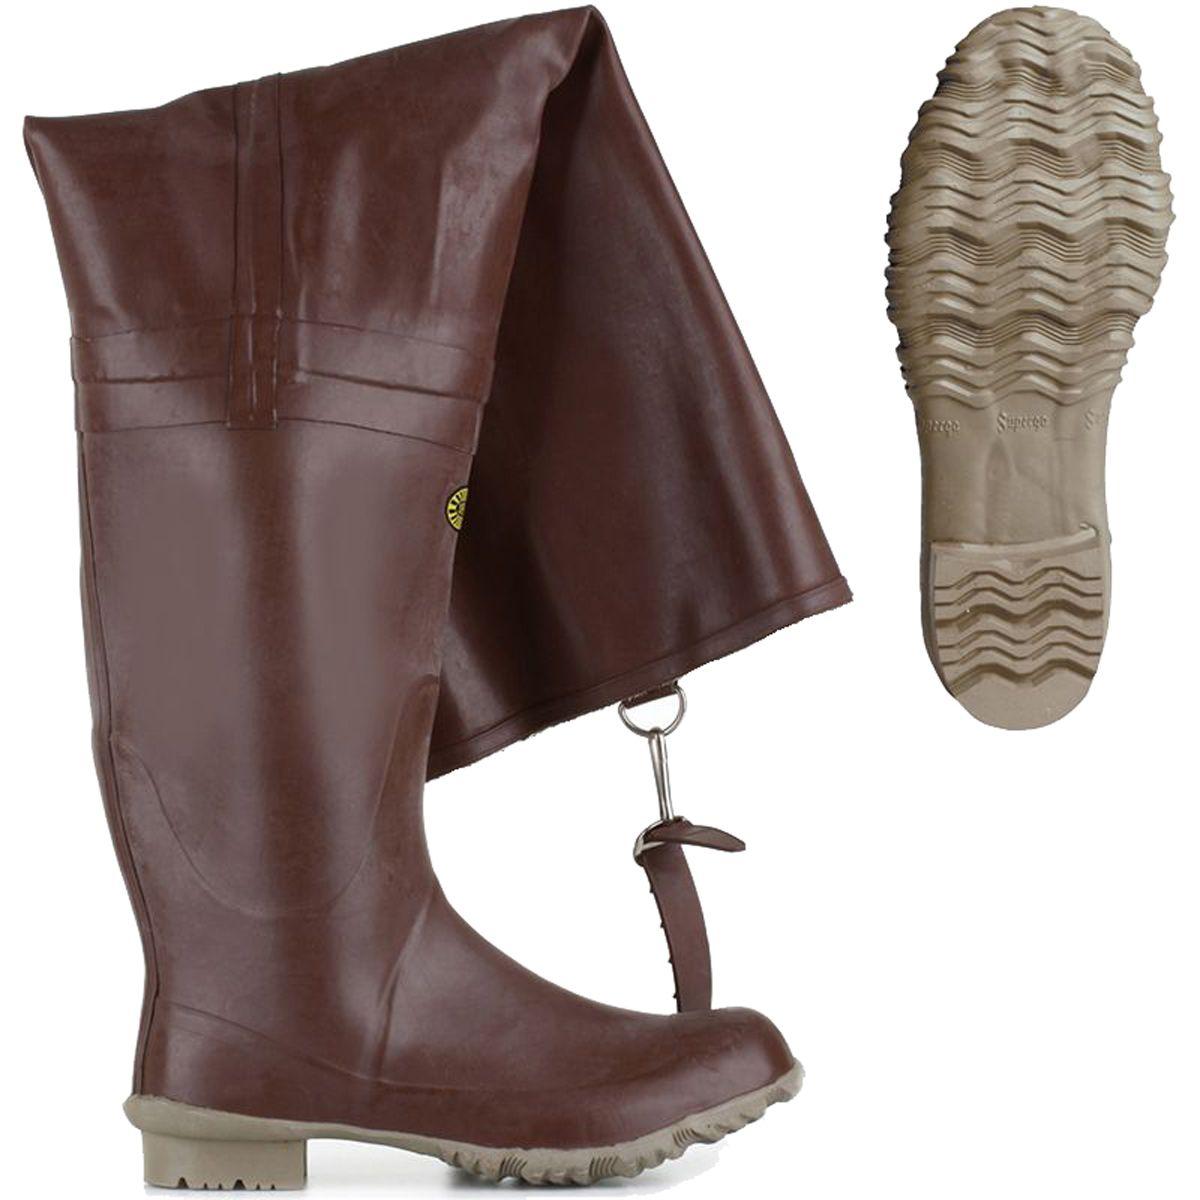 Stivali in gomma Superga uomo-S000760